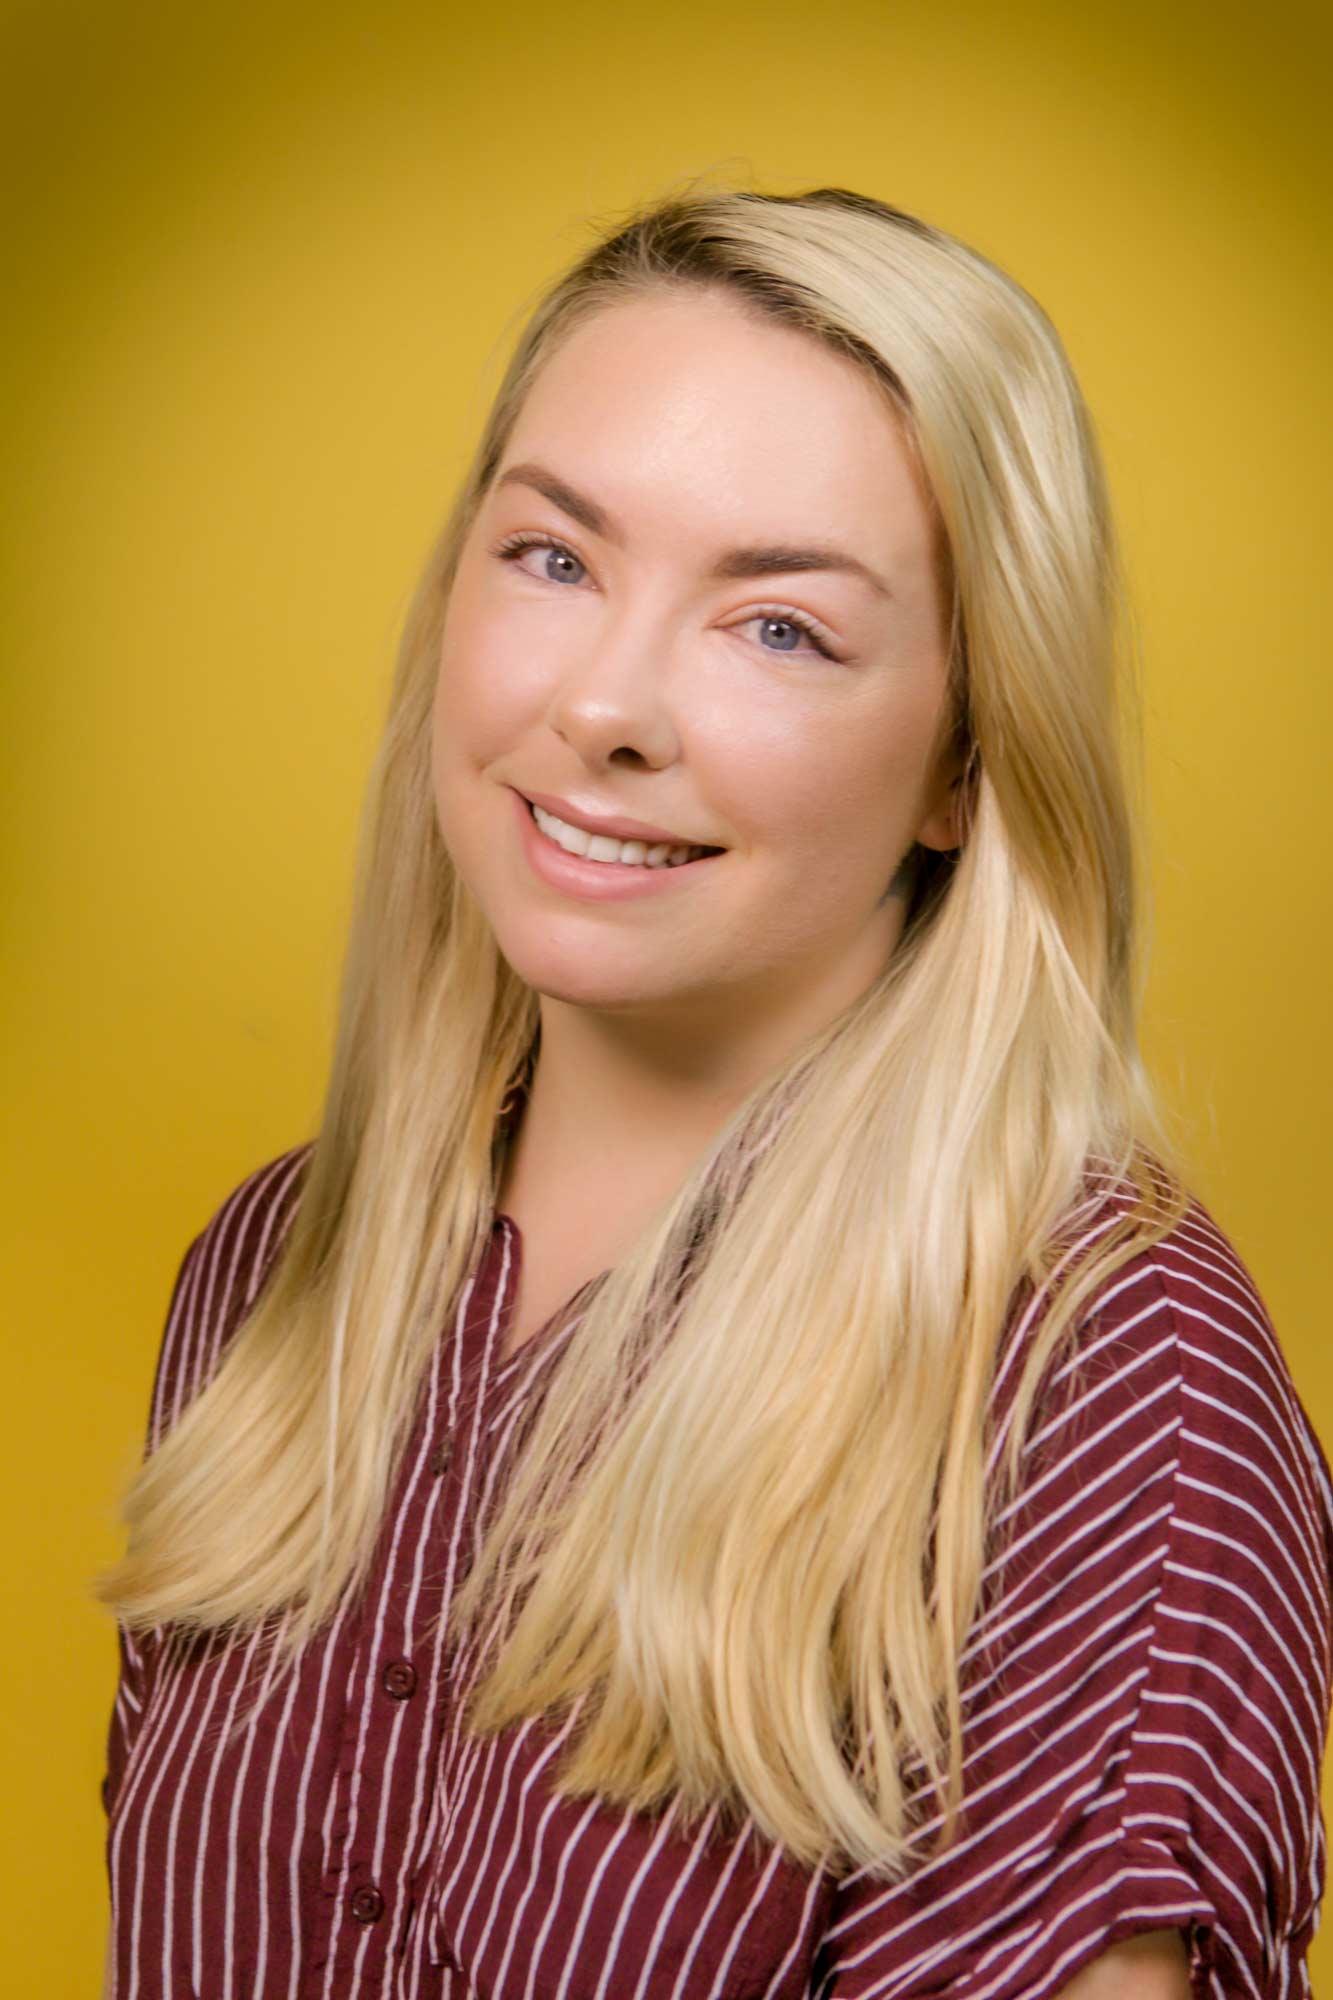 Chelsea Whitaker